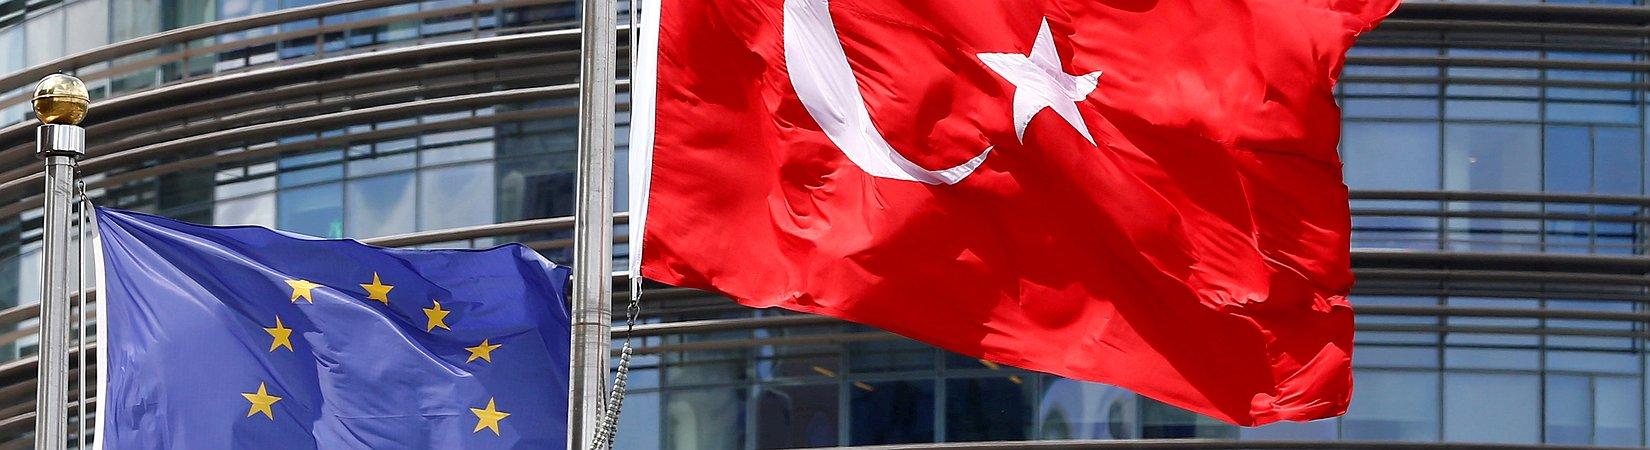 Parlamento Europeu debate relações da UE com a Turquia